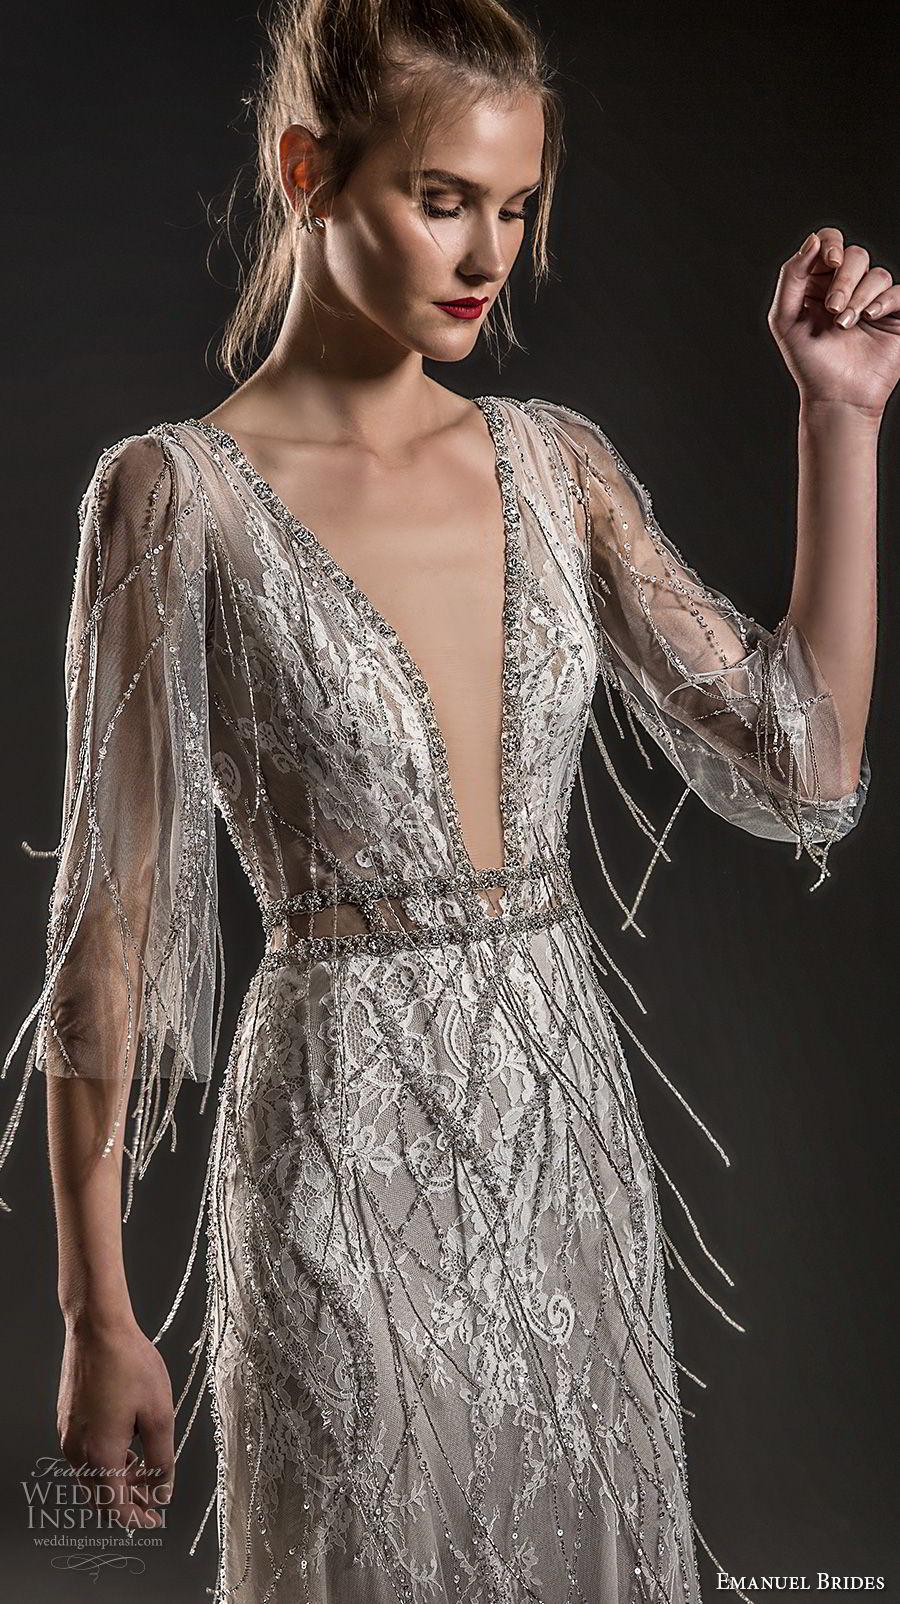 emanuel brides 2018 bridal three quarter sleeves deep plunging v neck full jeweled embellishment fringe bodice elegant glamorous sheath wedding dress open v back sweep train (13) mv